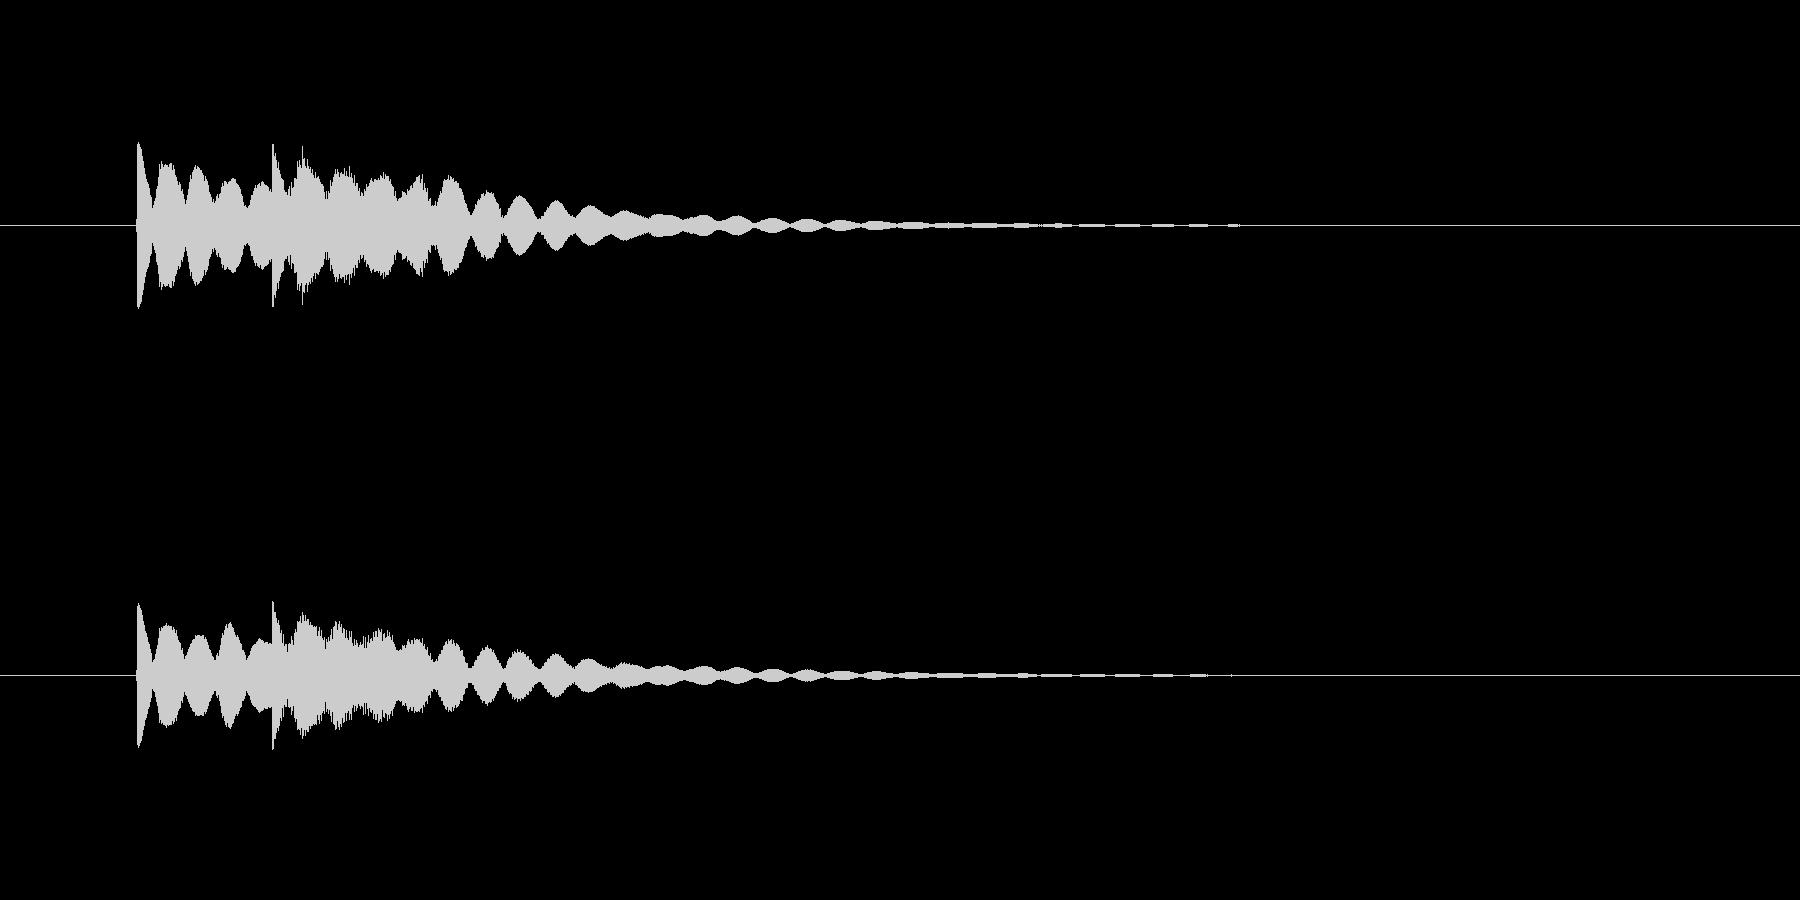 ピンポーン(明るくシンプルなチャイム音)の未再生の波形